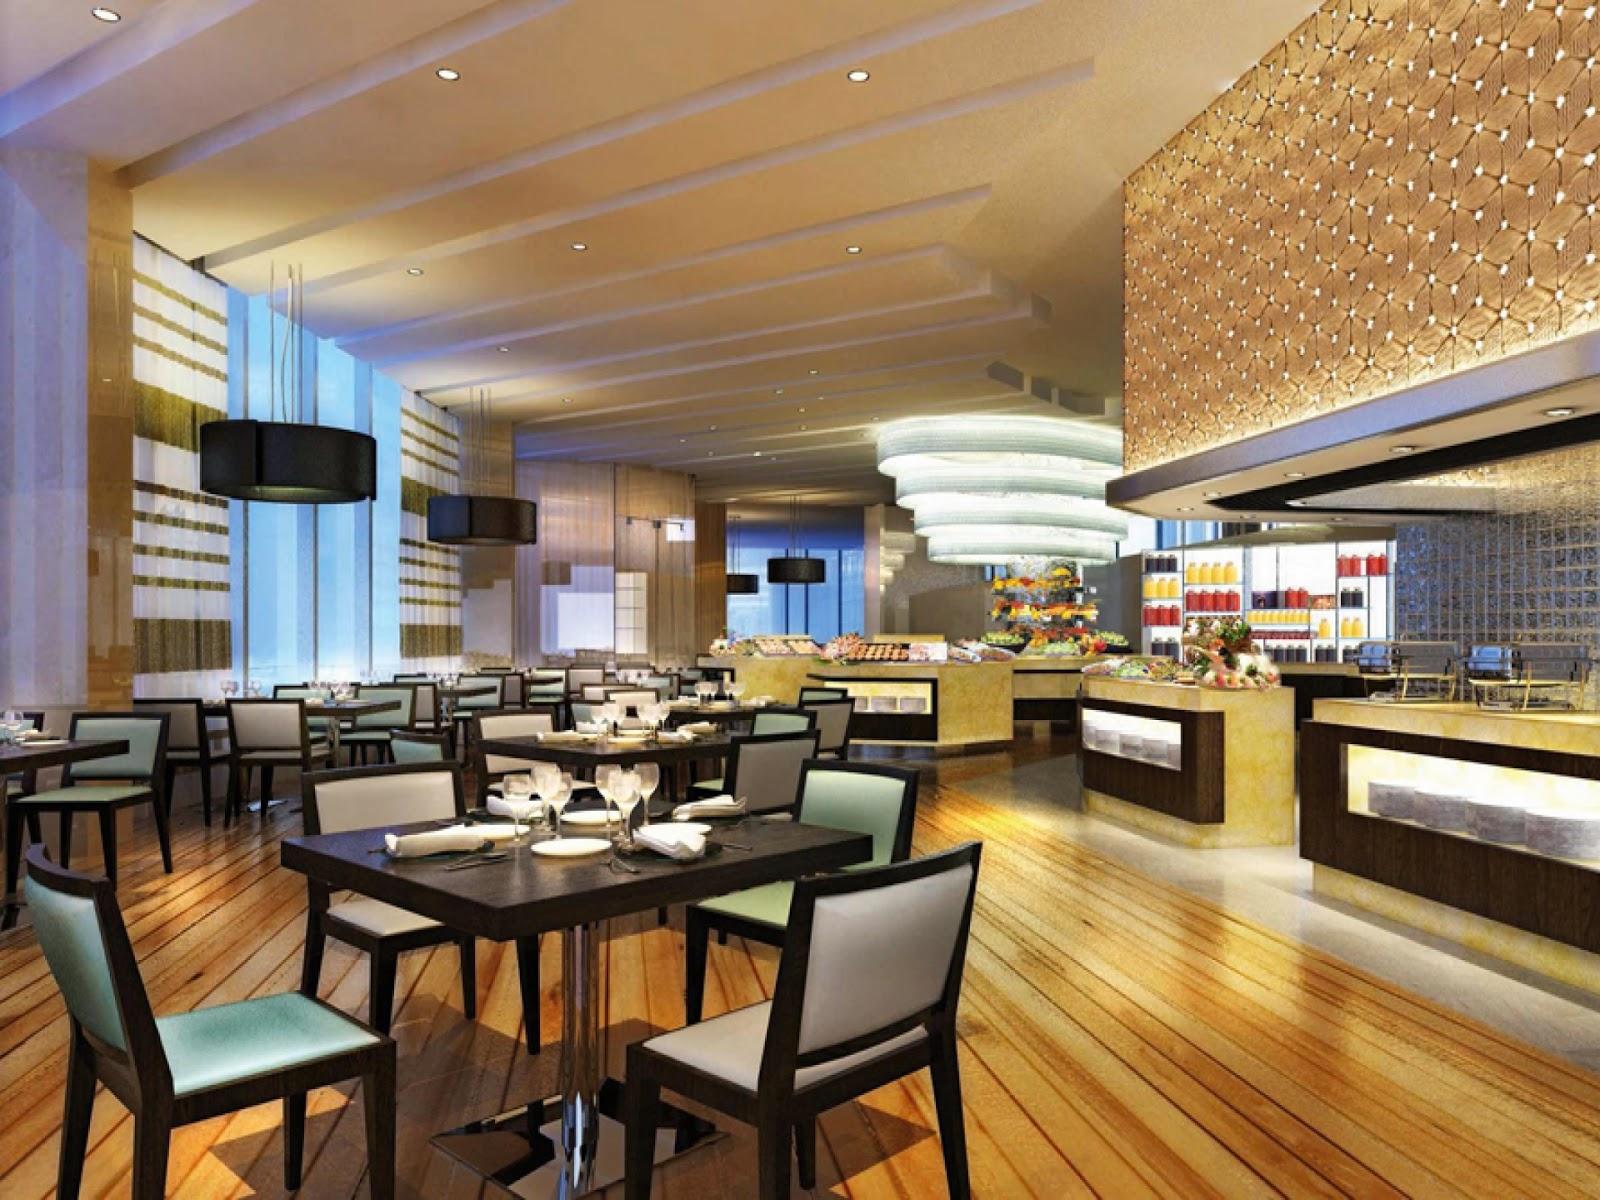 restaurant interior design GEGQXUI